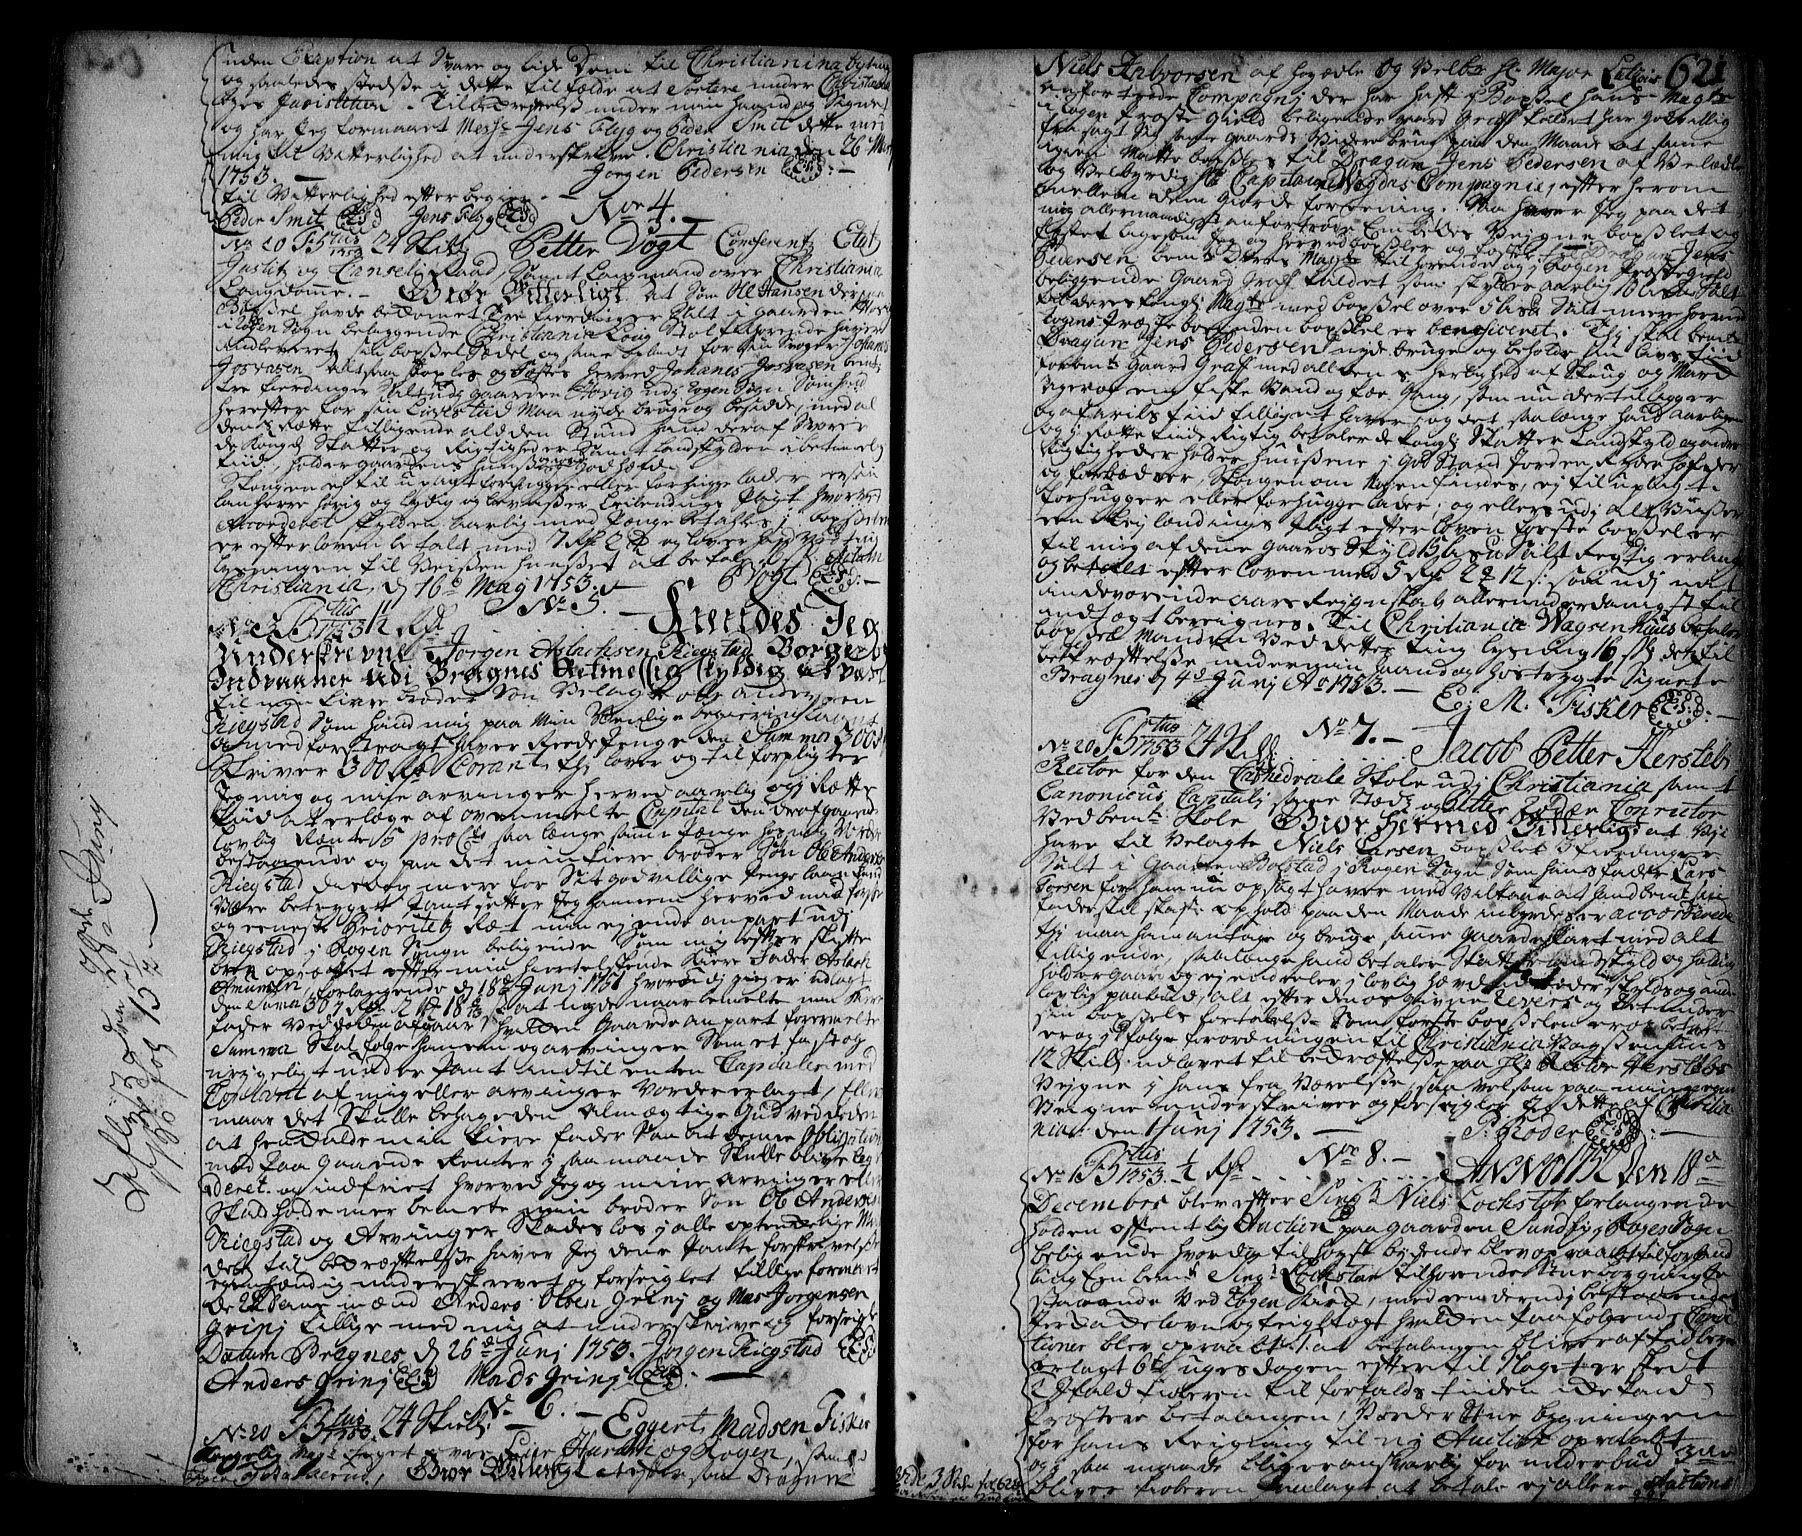 SAKO, Lier, Røyken og Hurum sorenskriveri, G/Ga/Gaa/L0002: Pantebok nr. II, 1725-1755, s. 621